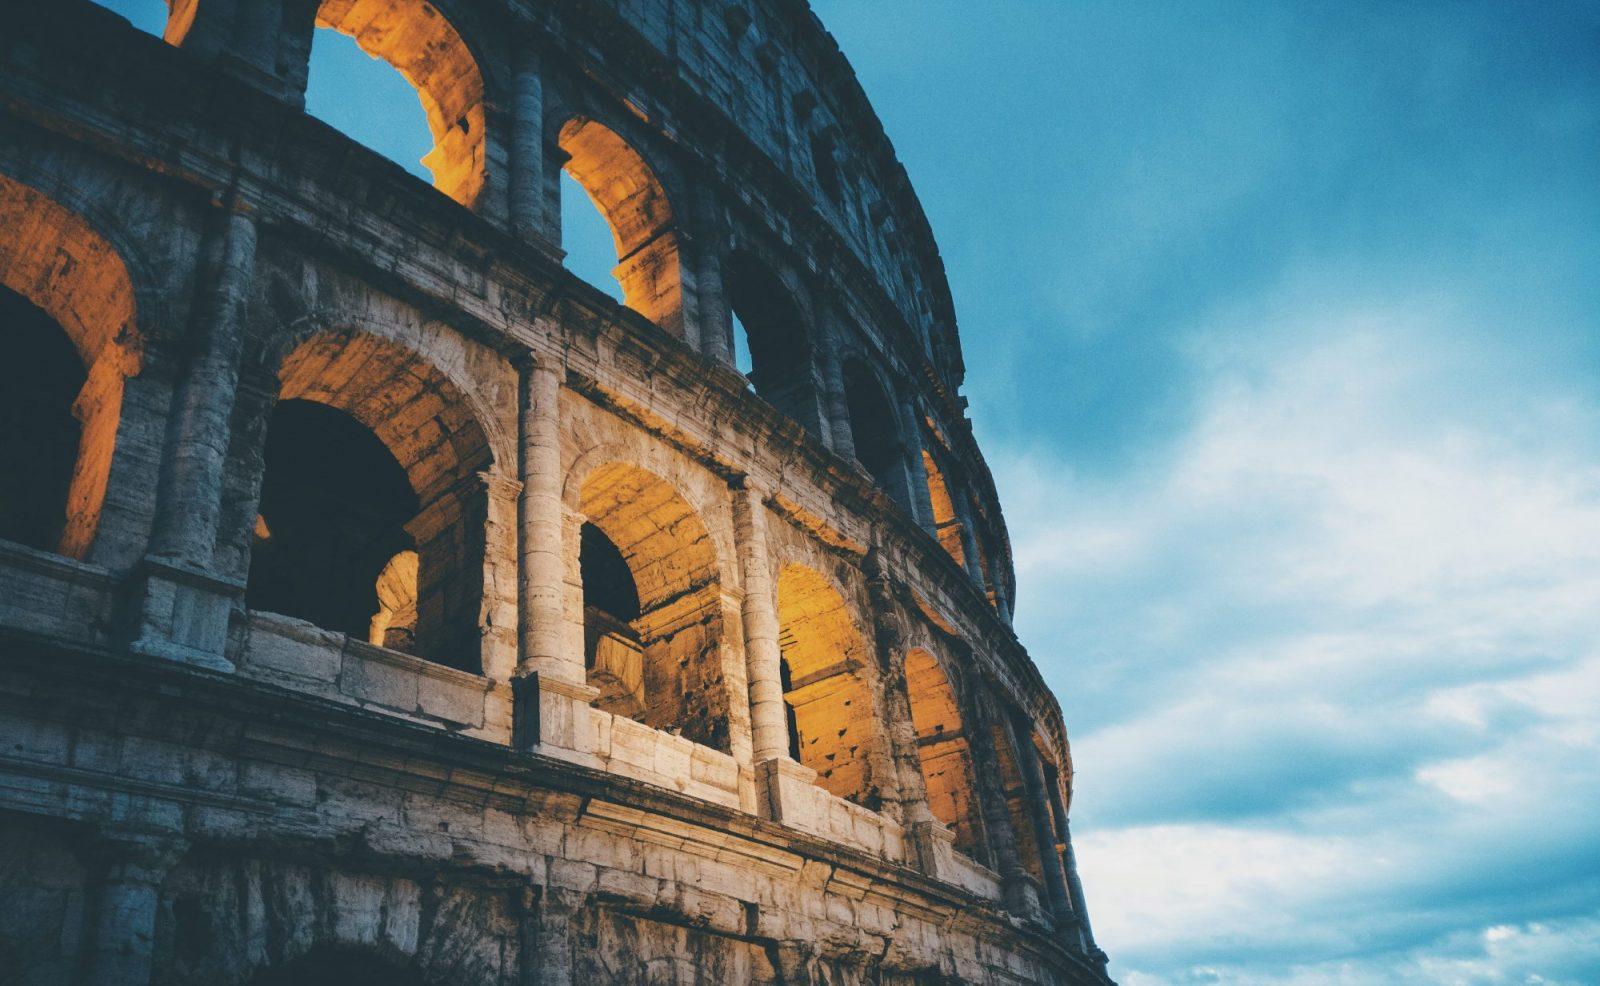 rome essays